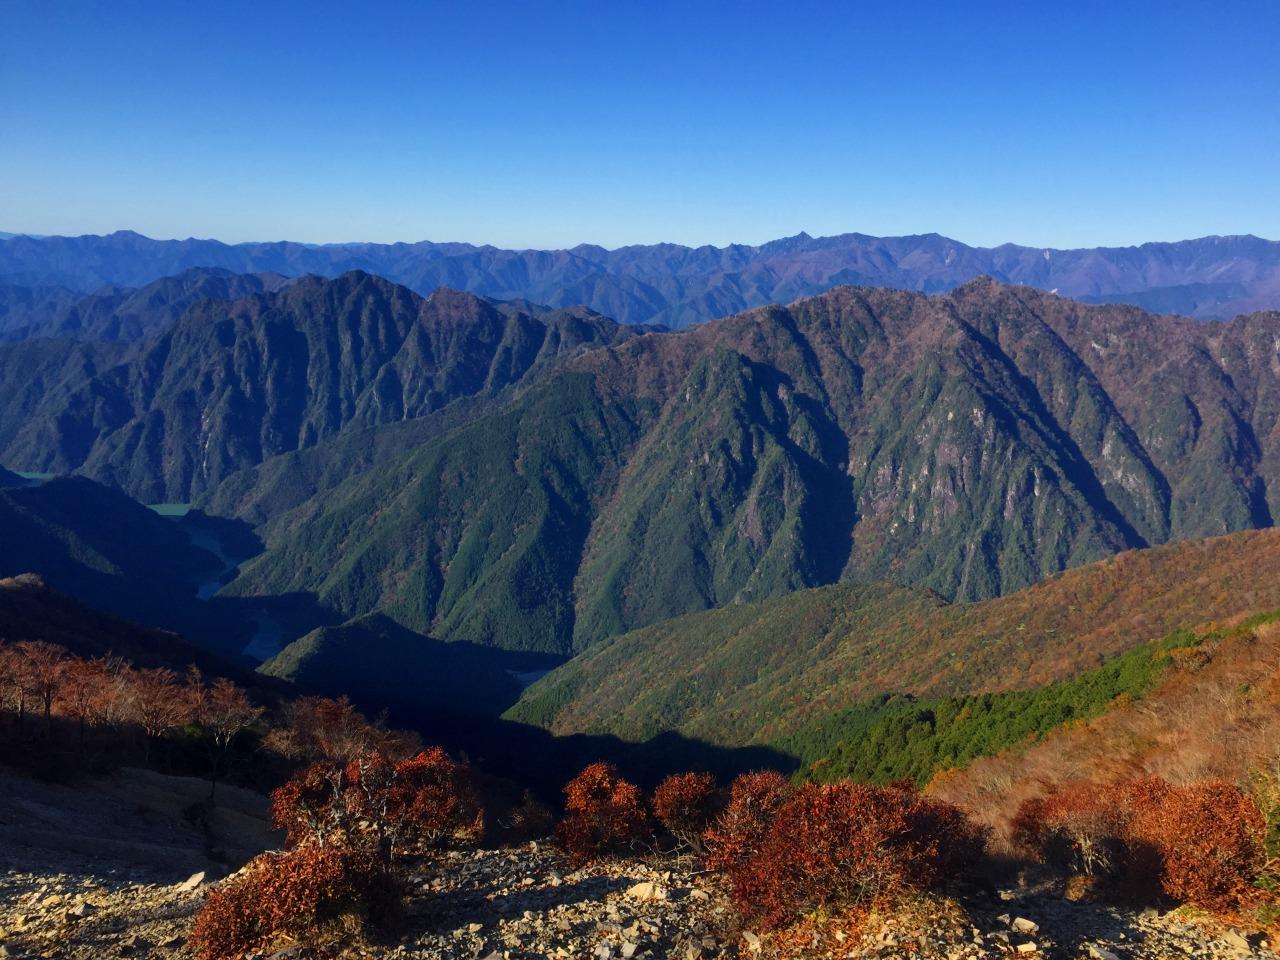 日本のロングトレイルを歩こう<br>尾鷲と大台ヶ原を結ぶ約20kmの参詣道を歩く<br>台高山脈・大台ヶ原から尾鷲道 2日間